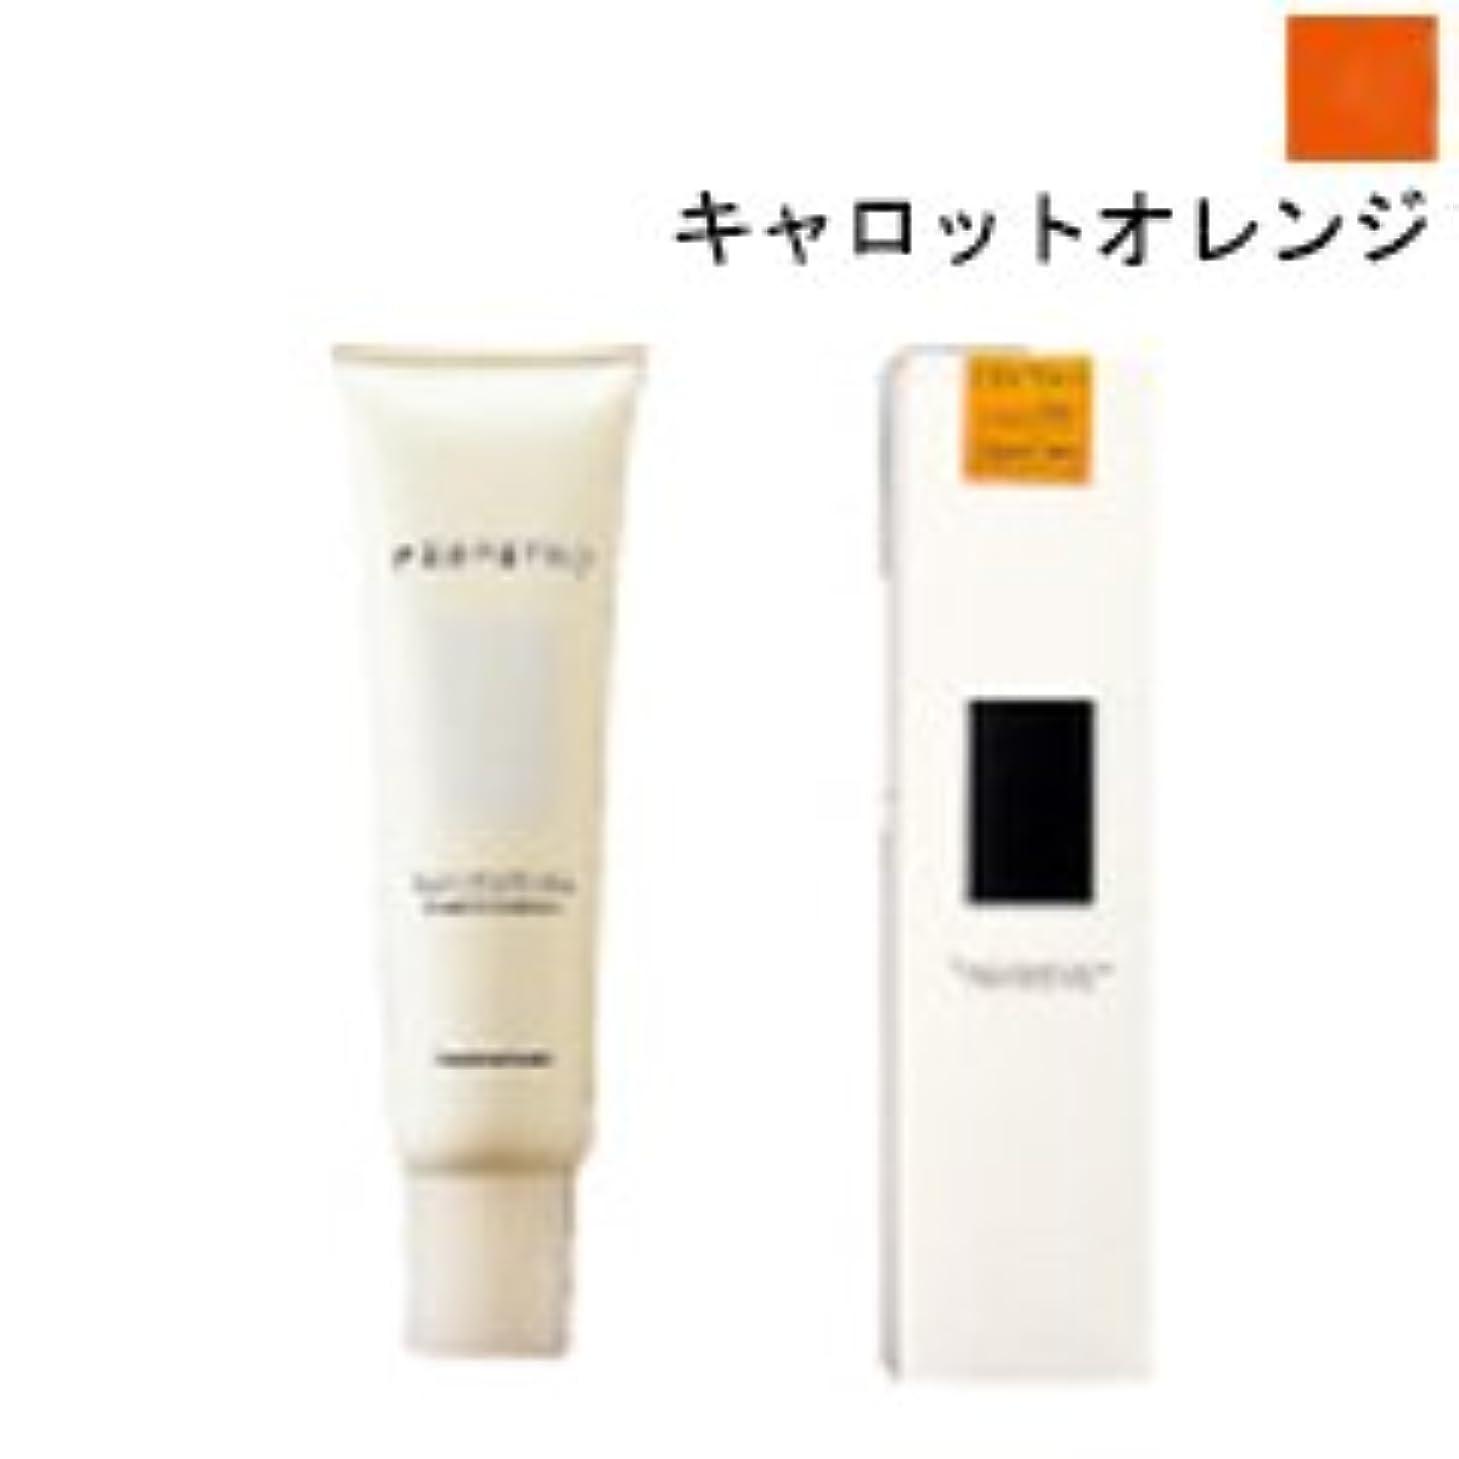 ソートアイスクリーム節約【ナンバースリー】パーフェットカラー キャロットオレンジ 150g